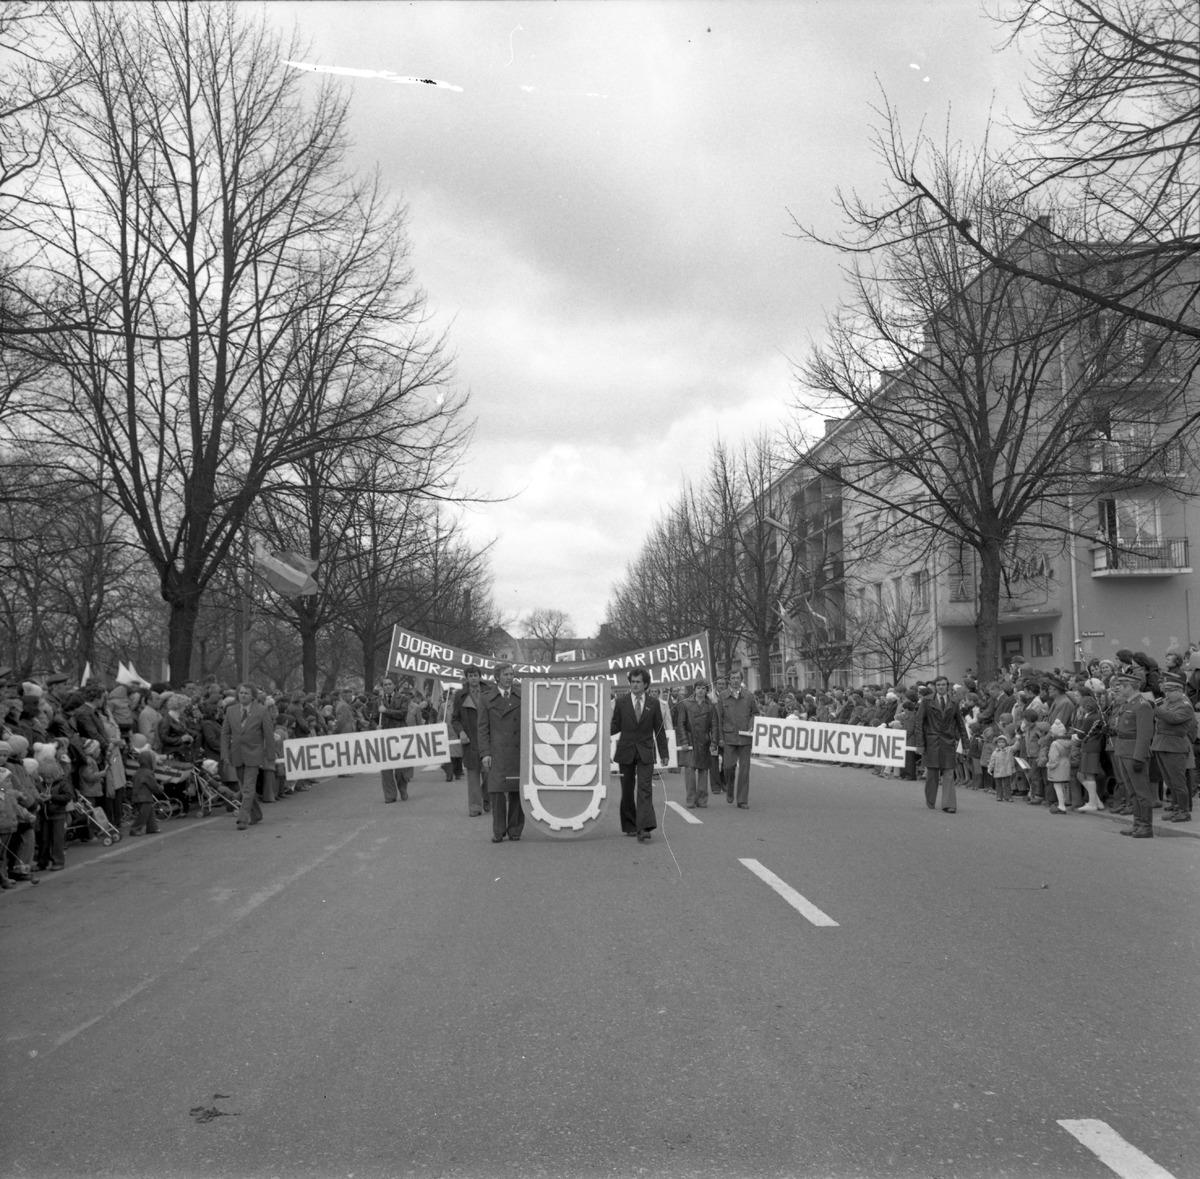 Pochód pierwszomajowy, 1979 r. [6]